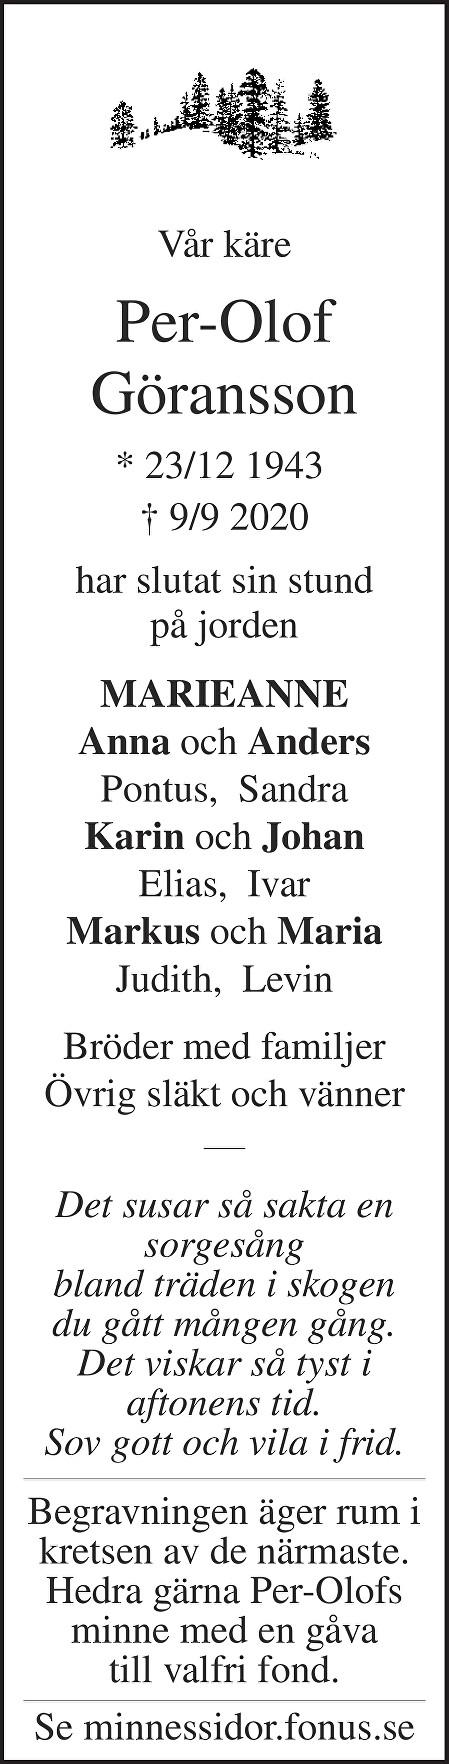 Per-Olof Göransson Death notice